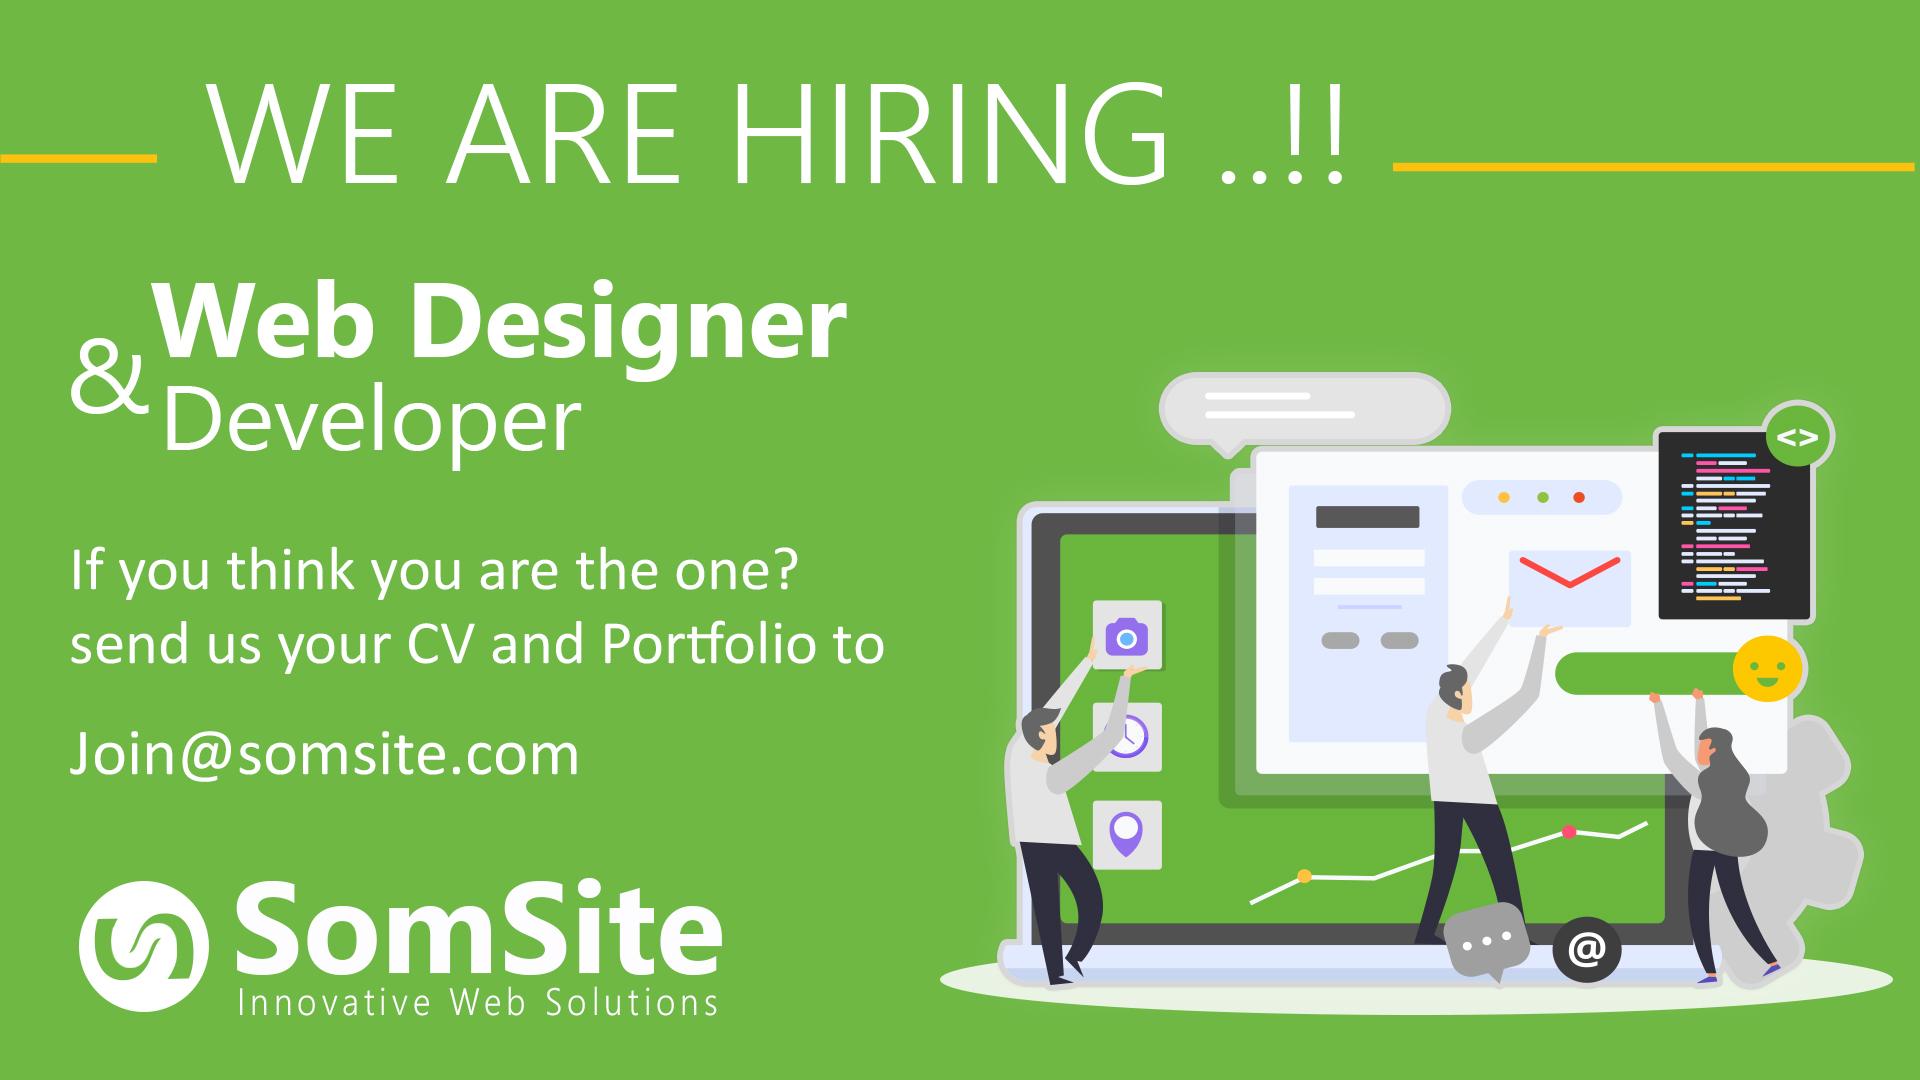 SomSite Job Opportunity: Web Designer